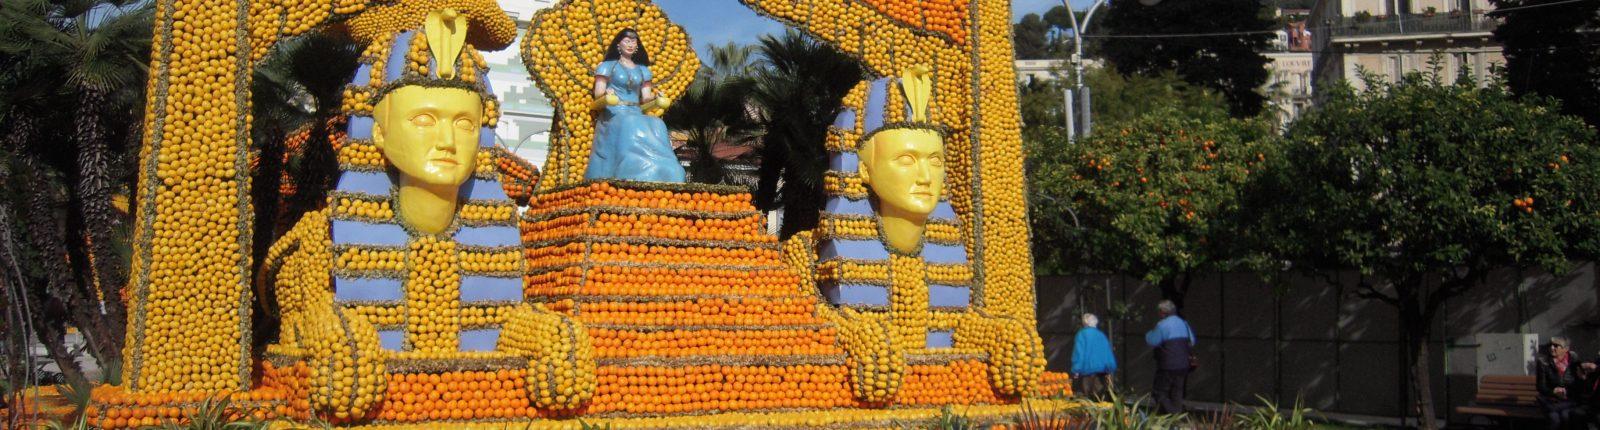 Carnaval de Nice et Fêtes des Citrons à Menton